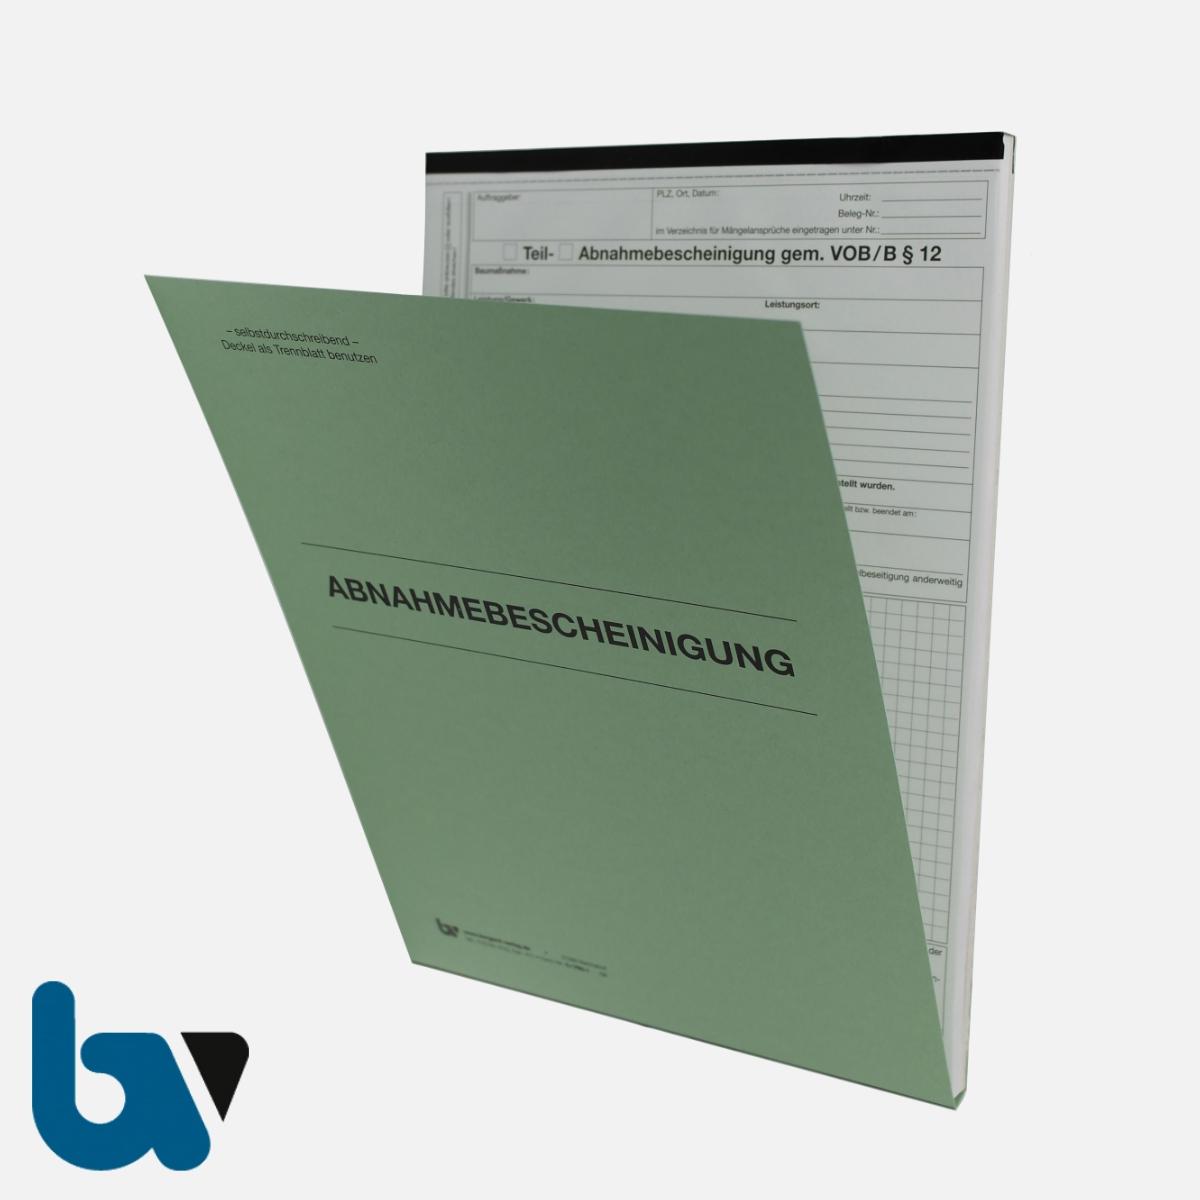 0/796-1 Abnahmebescheinigung VOB Vergabe Vertragsordnung Bauleistung selbstdurchschreibend Einschlagdeckel Durchschreibeschutz Durchschreibeverfahren DIN A4 Vorderseite | Borgard Verlag GmbH